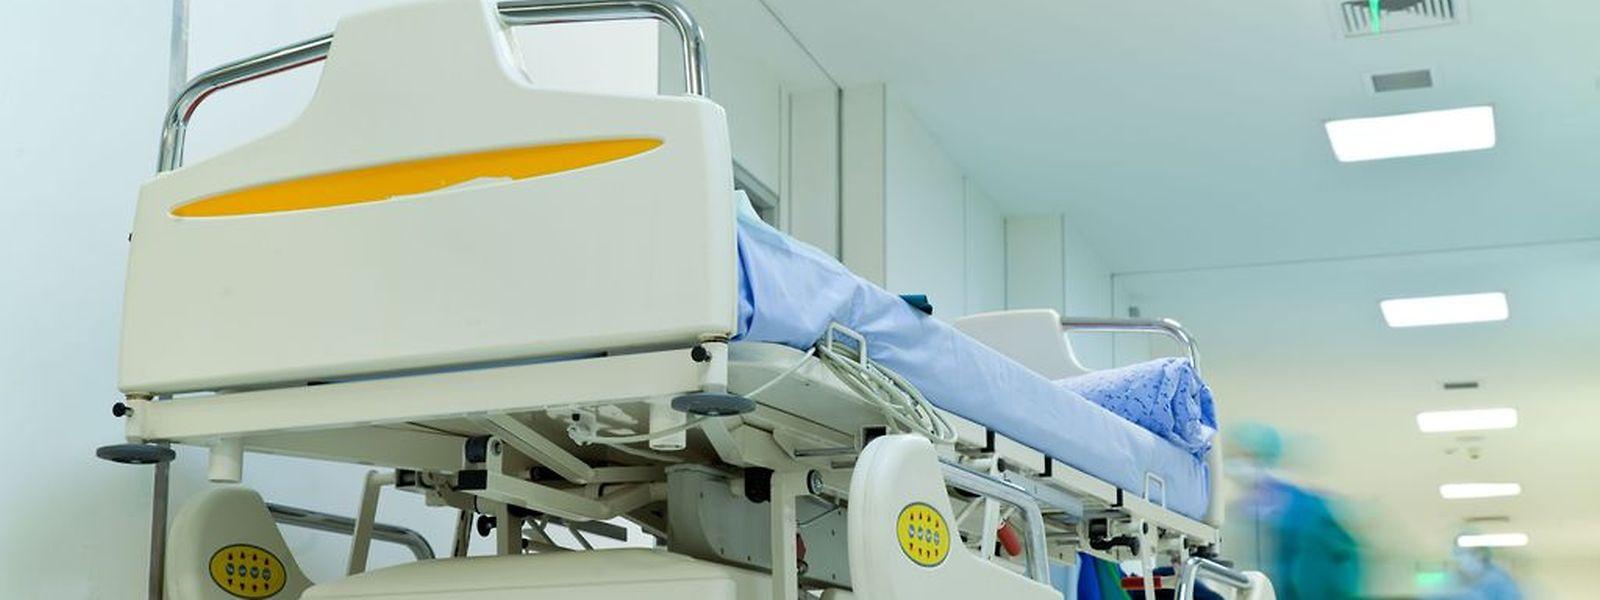 Besonders im Norden Luxemburgs sind die Krankenhäuser einer hohen Belastung ausgesetzt.